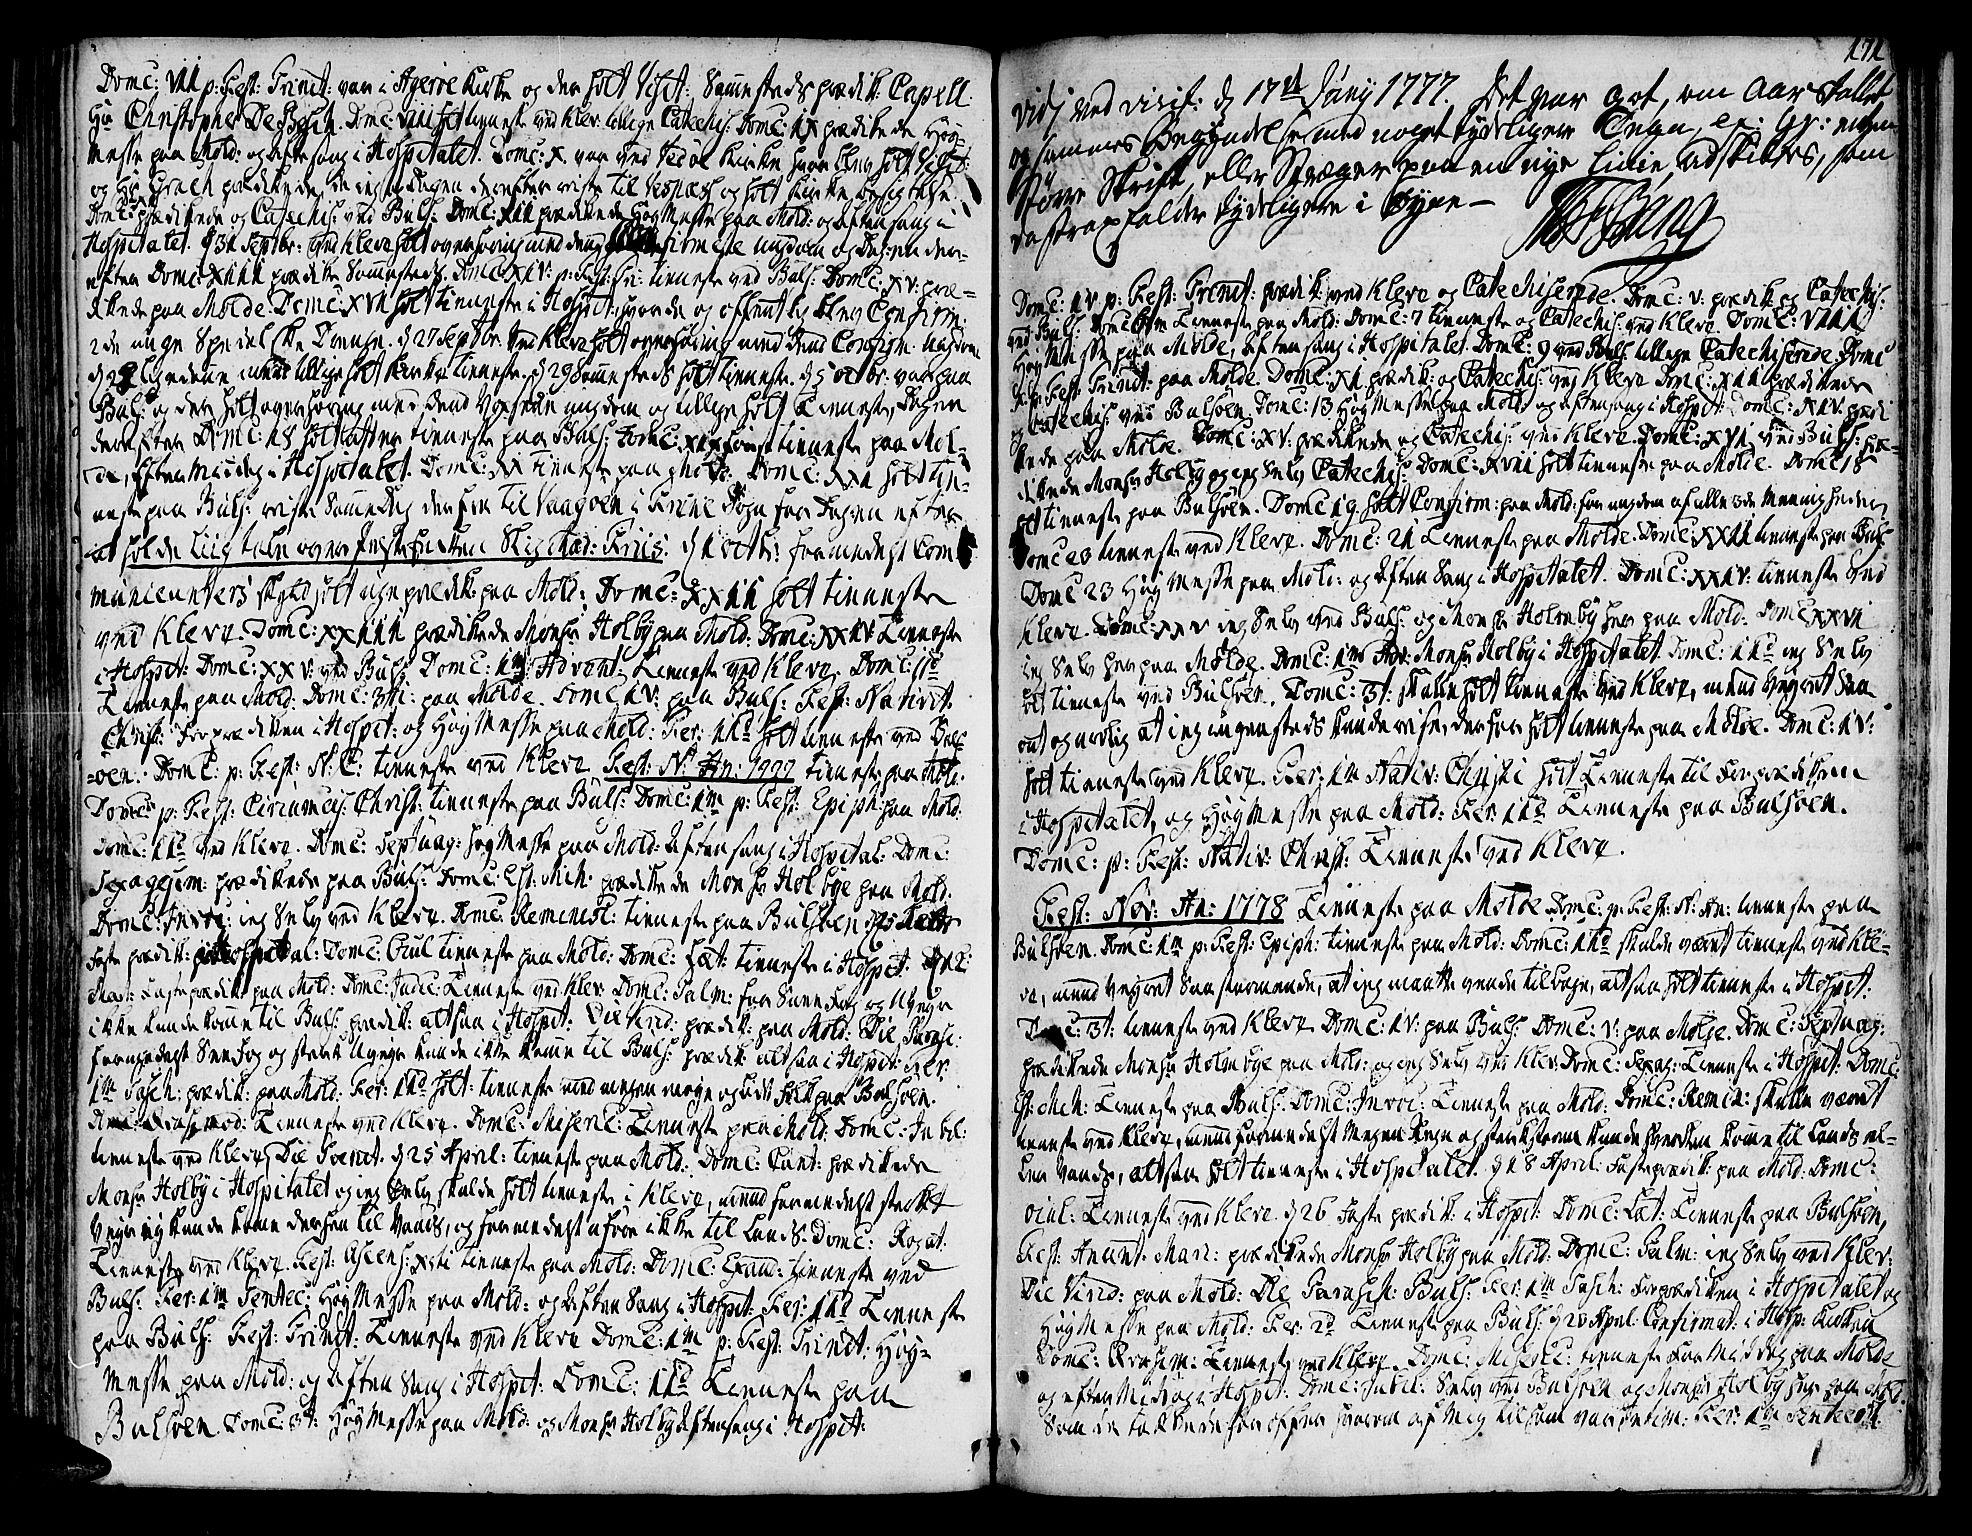 SAT, Ministerialprotokoller, klokkerbøker og fødselsregistre - Møre og Romsdal, 555/L0648: Ministerialbok nr. 555A01, 1759-1793, s. 171